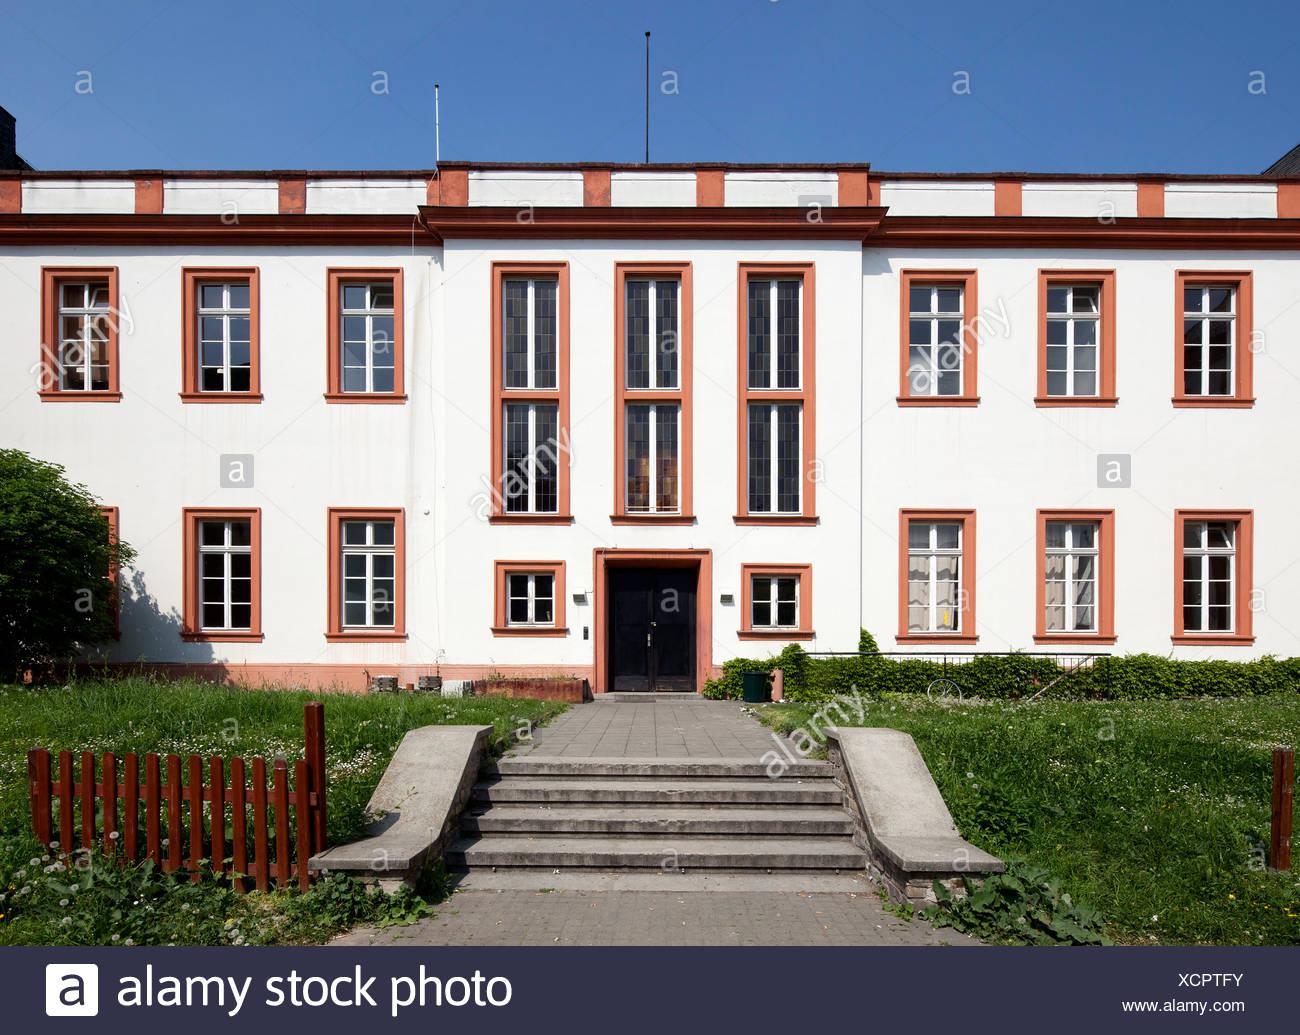 Ehemalige Schoenborner Hof, französische Studie Center, Institut Français, Maison de France, Mainz, Rheinland-Pfalz, PublicGround Stockbild